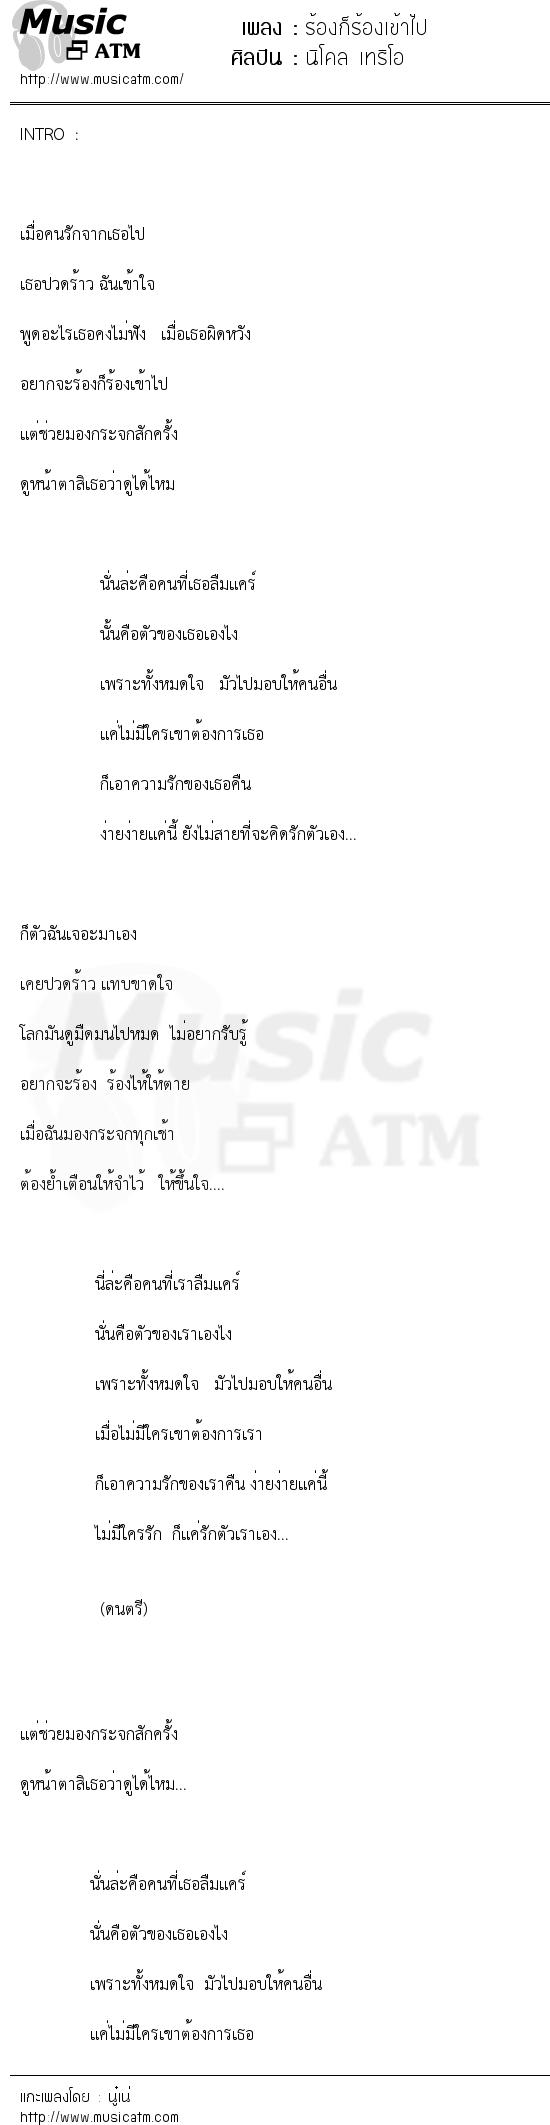 ร้องก็ร้องเข้าไป | เพลงไทย